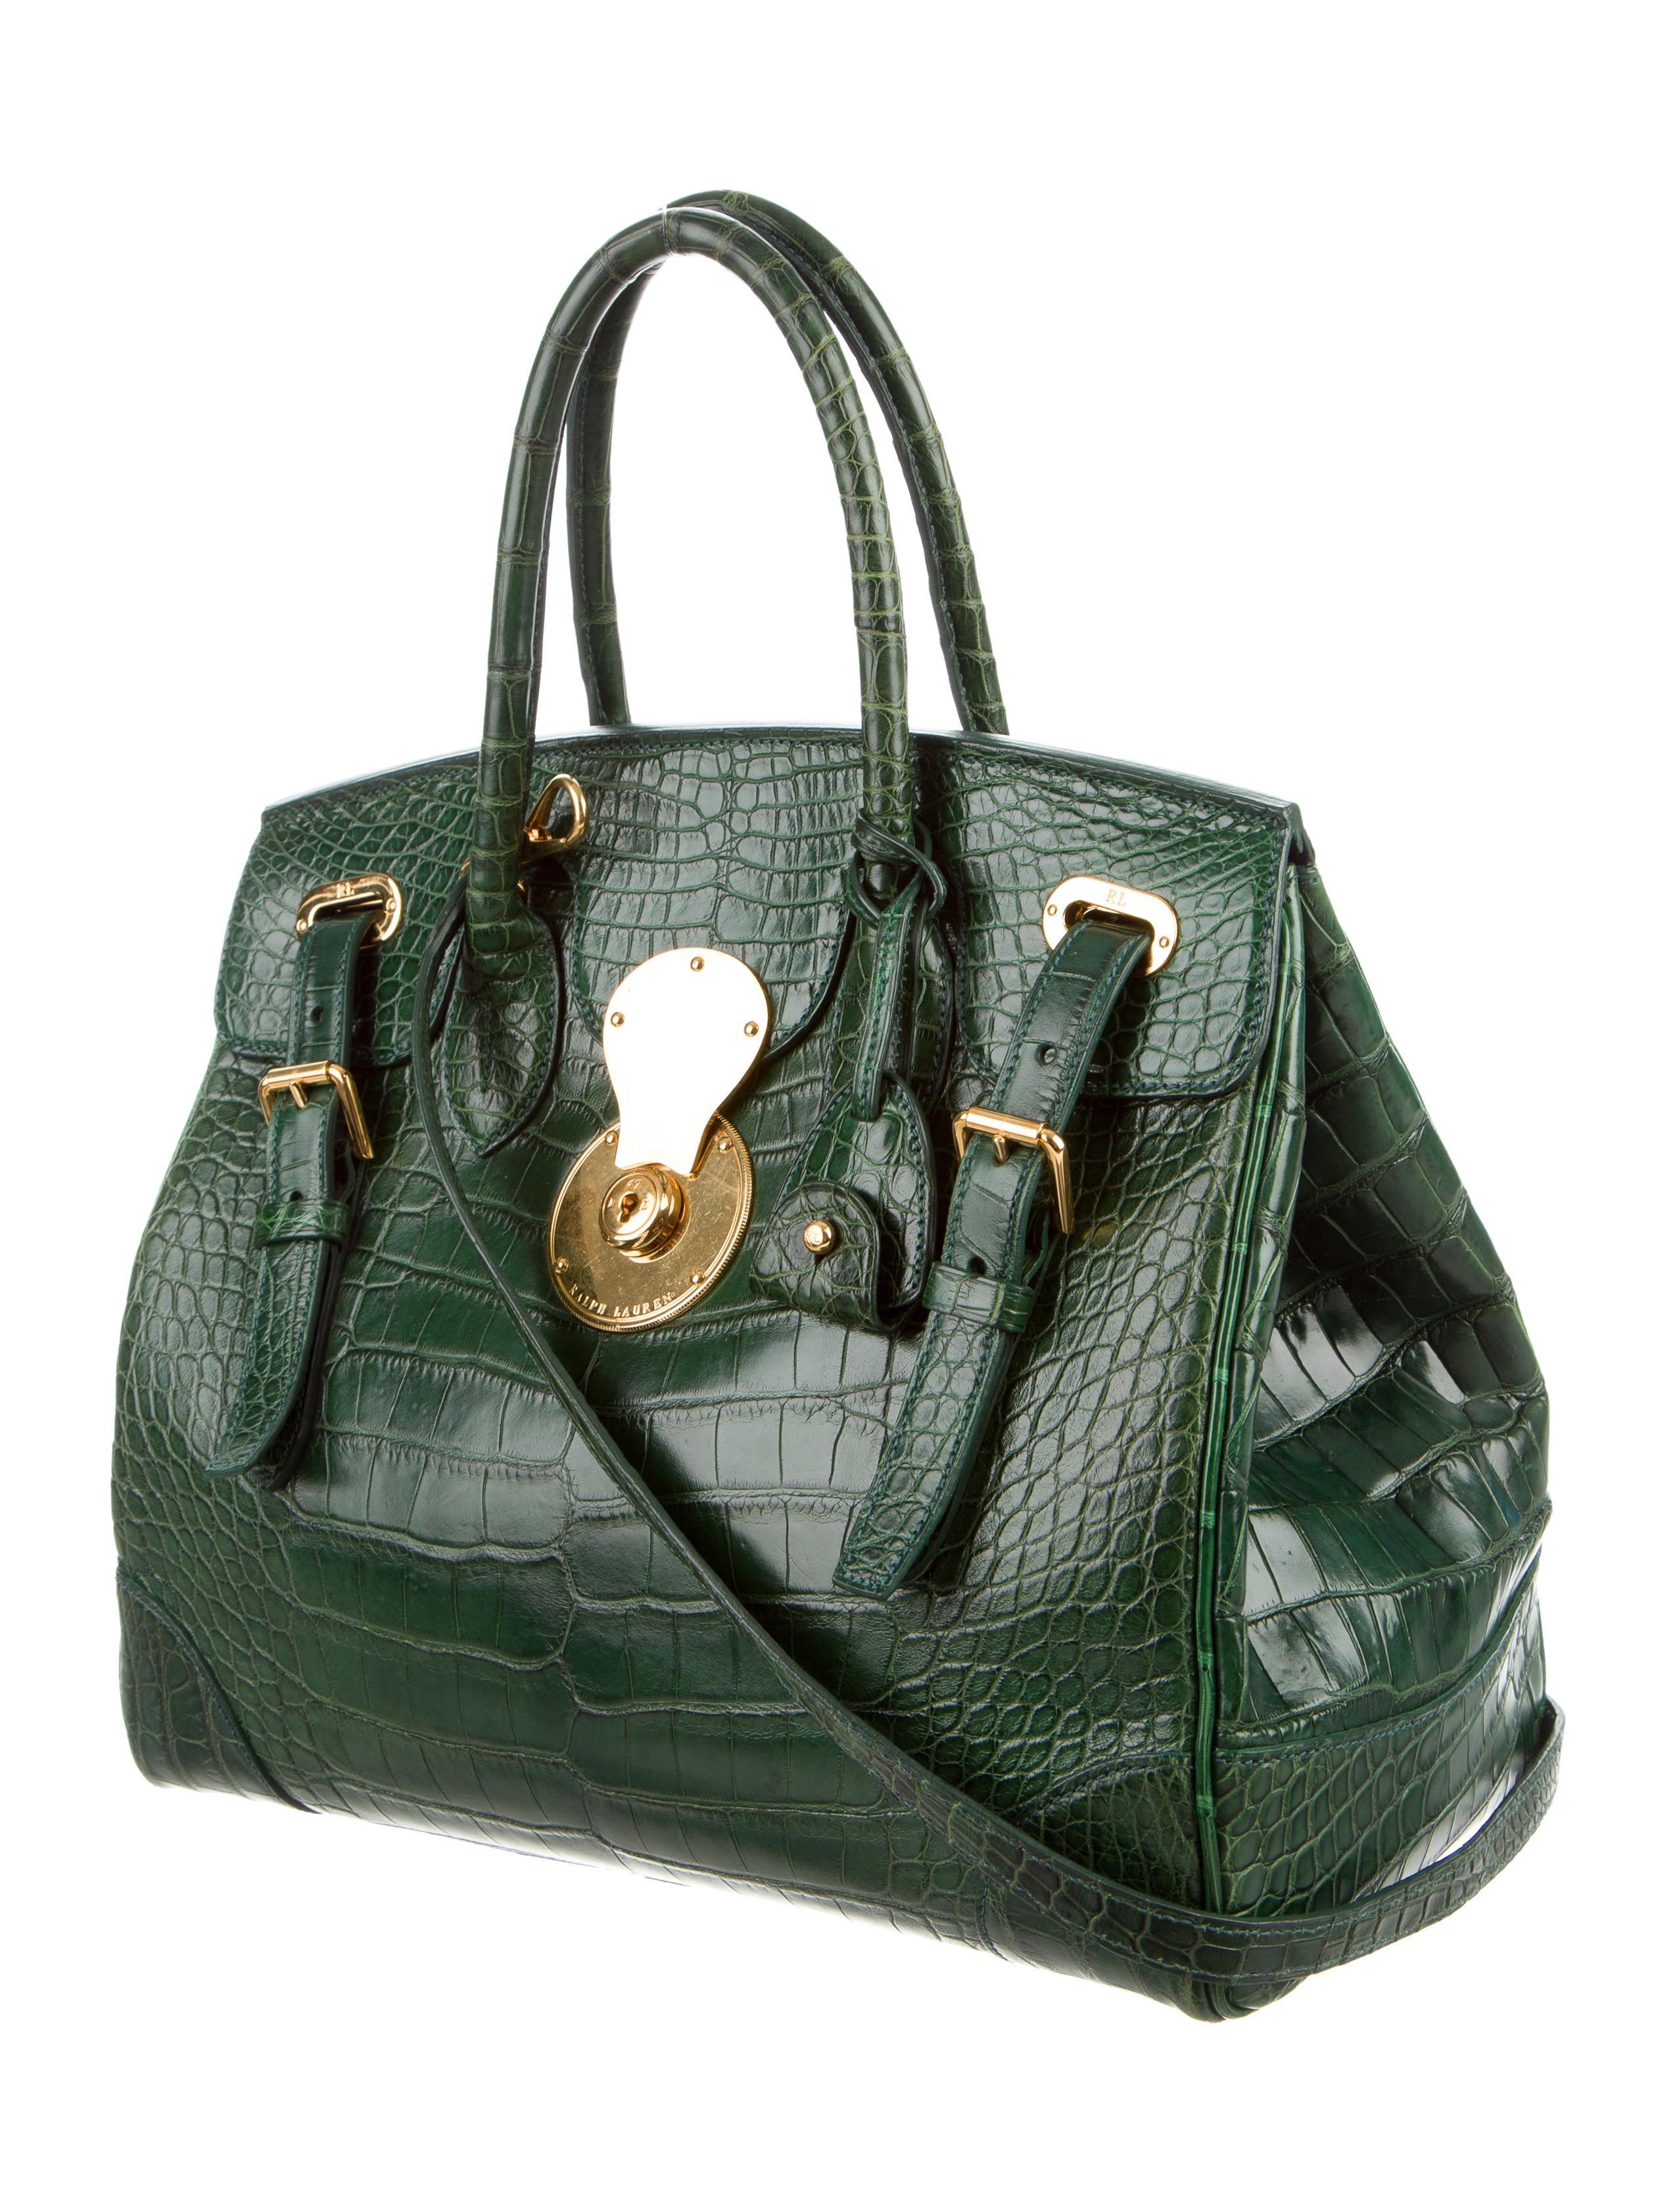 Green Ralph Lauren Bag - Prism Contractors & Engineers